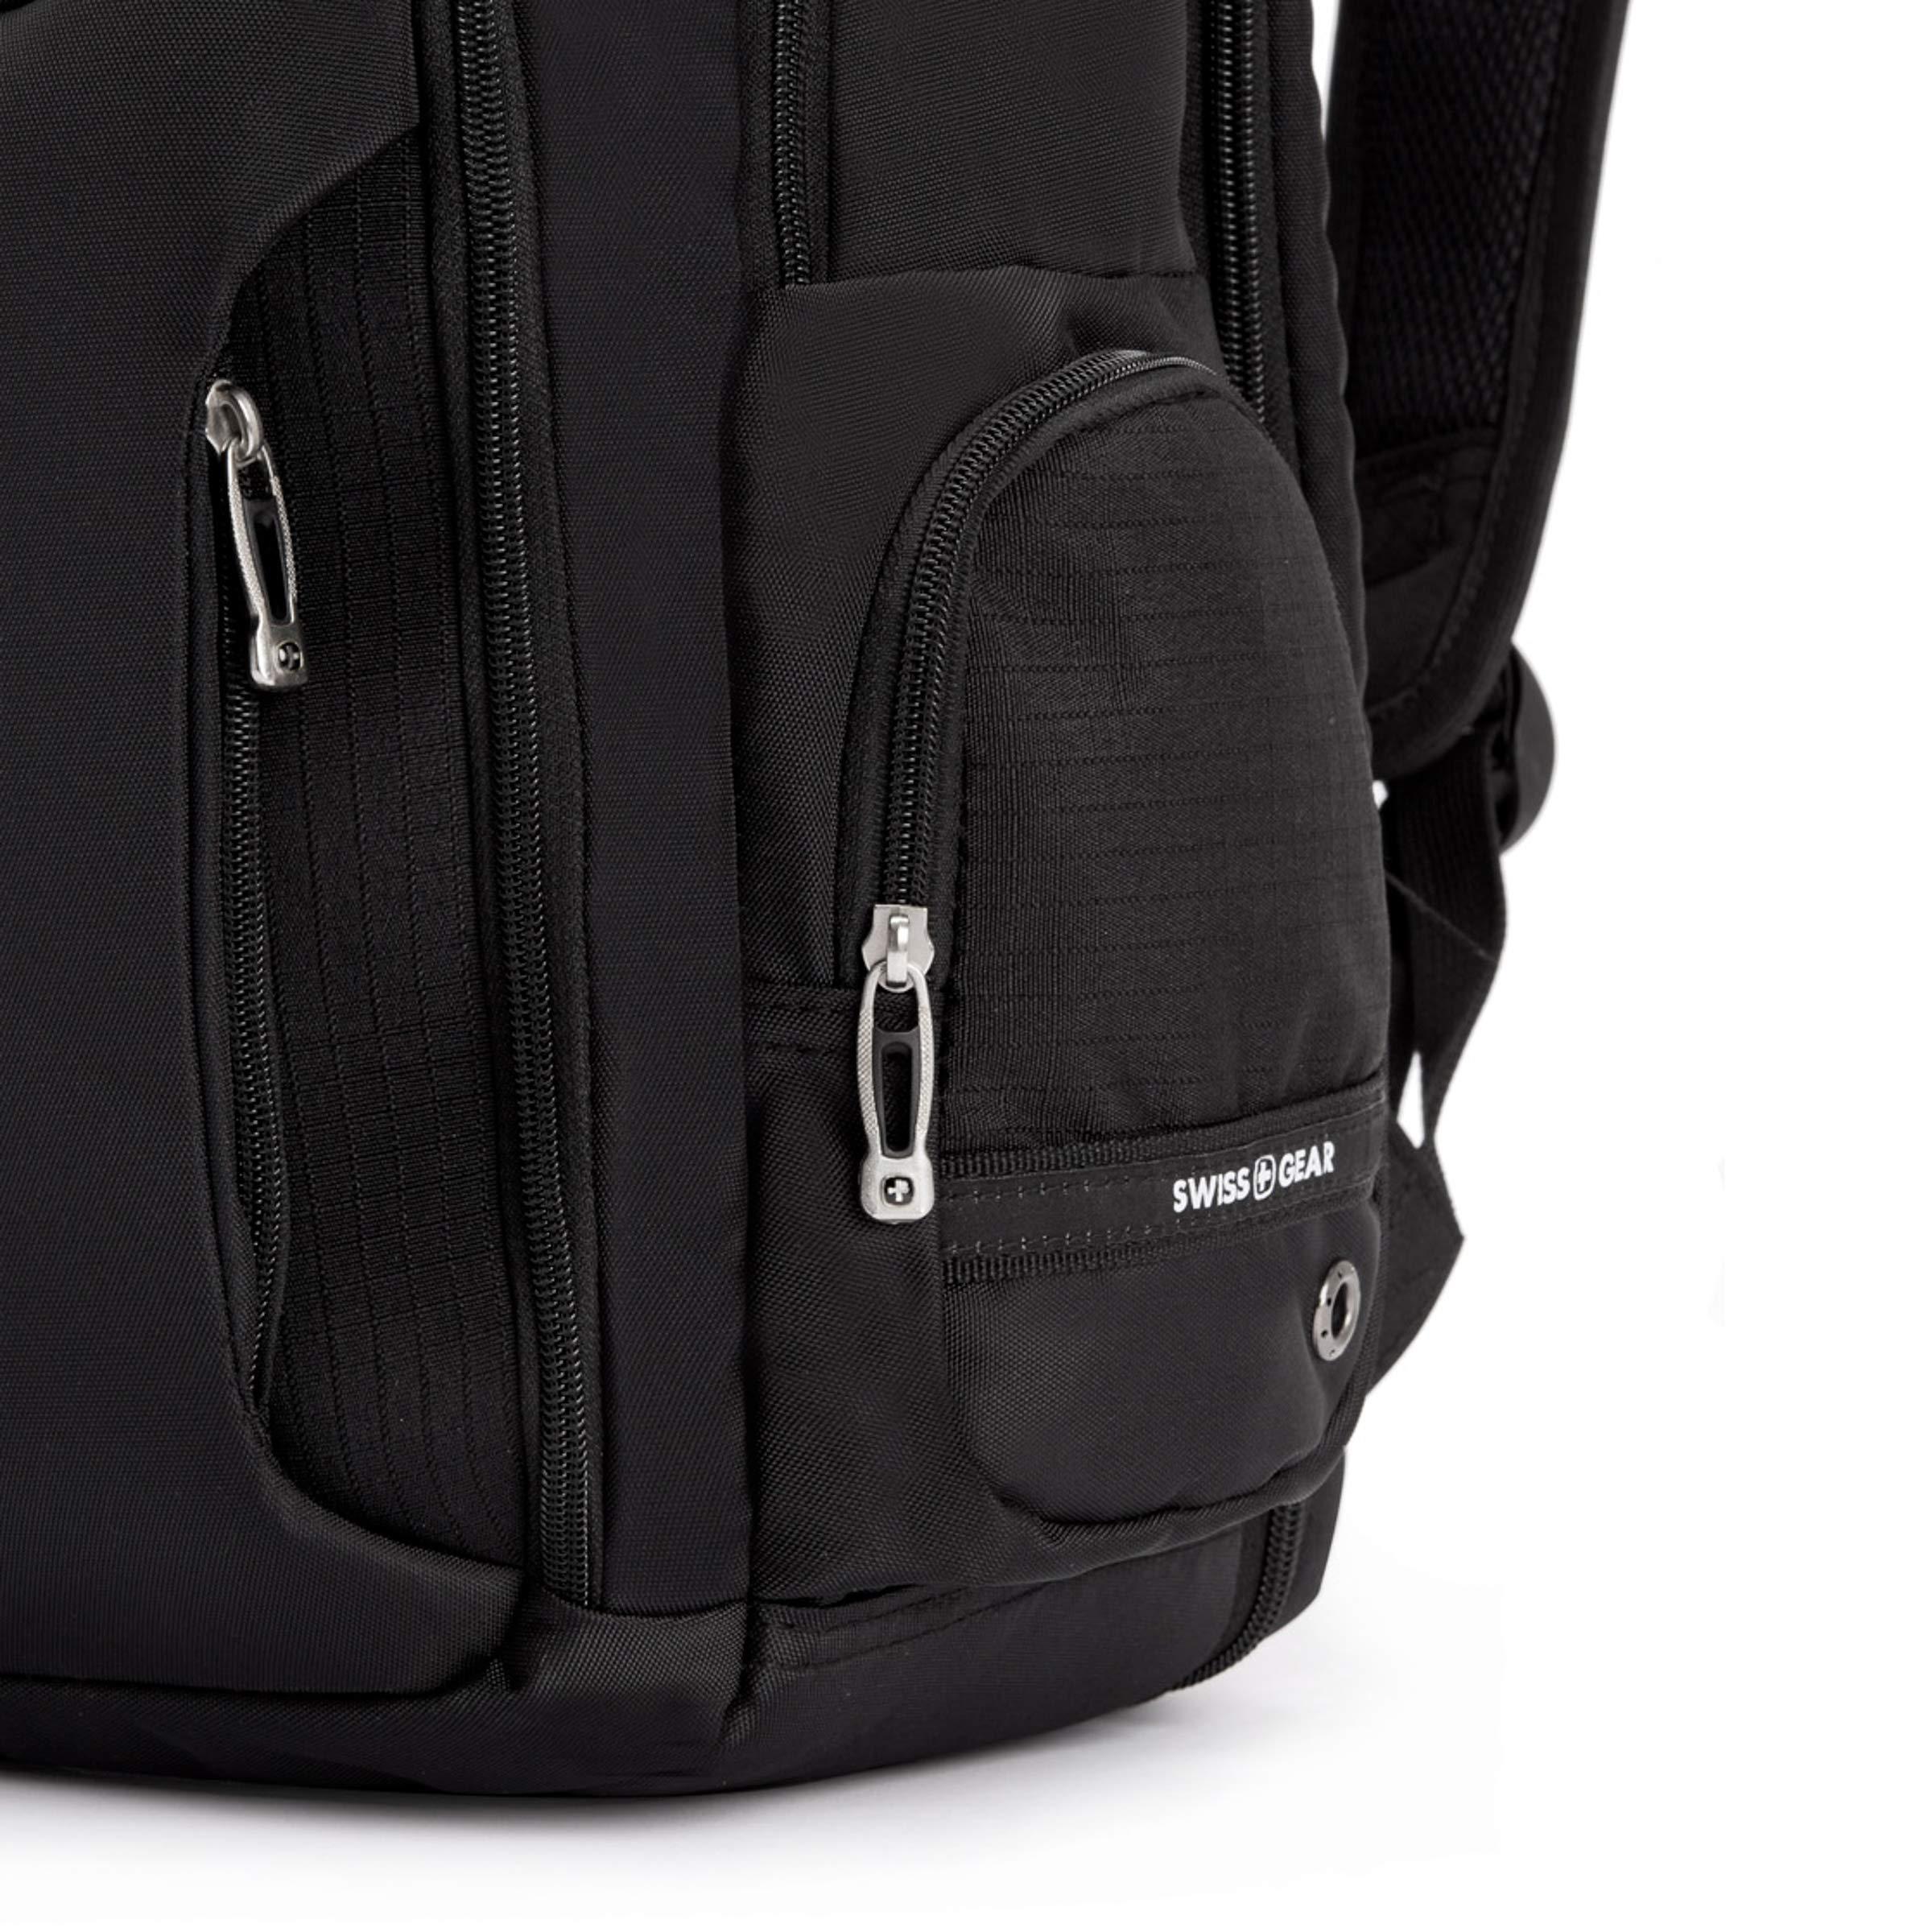 SWISSGEAR Large ScanSmart 15-inch Laptop Backpack   TSA-Friendly Carry-on   Travel, Work, School   Men's and Women's - Black by SwissGear (Image #9)